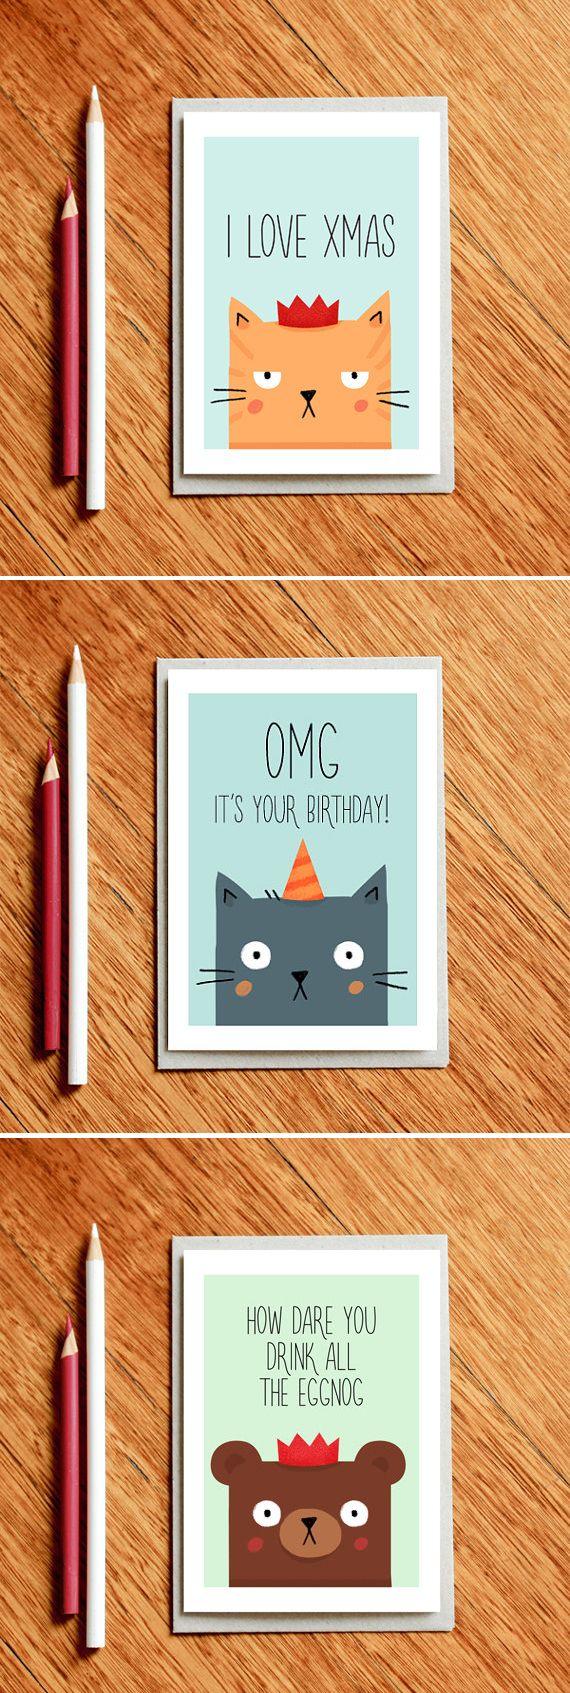 Cat Xmas Card - I Love Xmas - Cat Christmas card - funny xmas card | milkandcookies